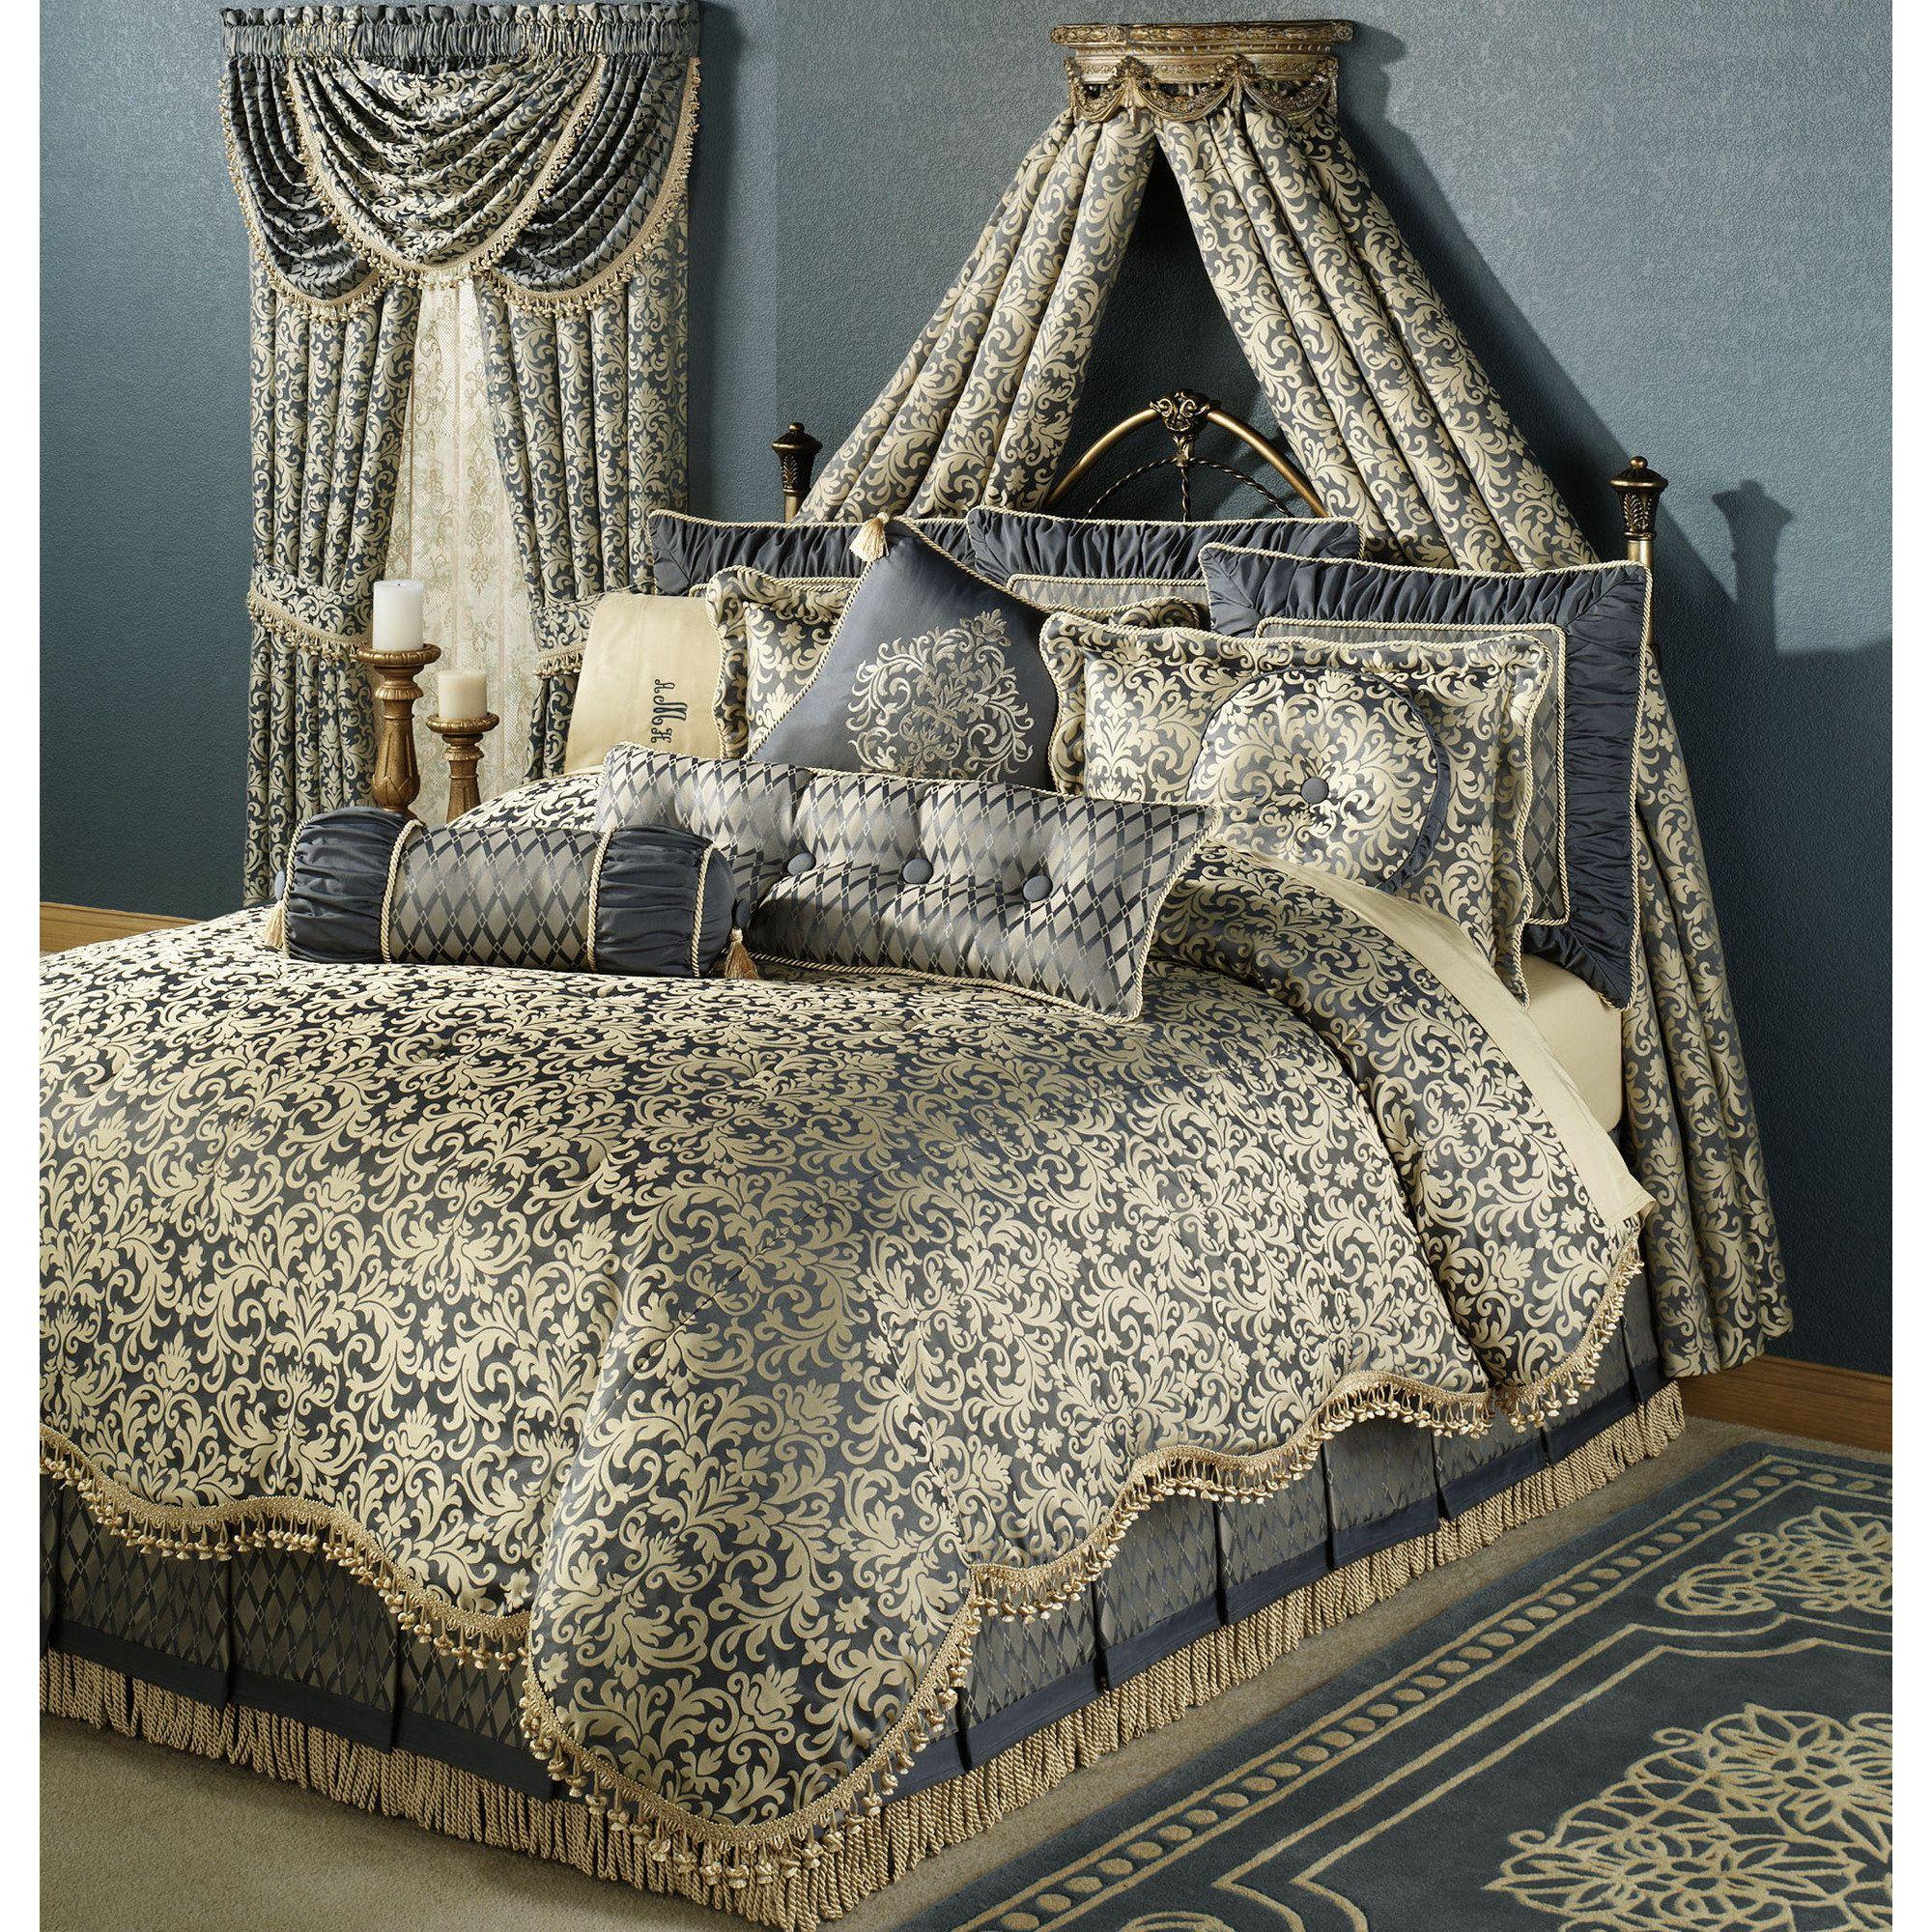 Sterling Damask Comforter Set Steel Blue Master Bedroom - Blue and brown damask comforter